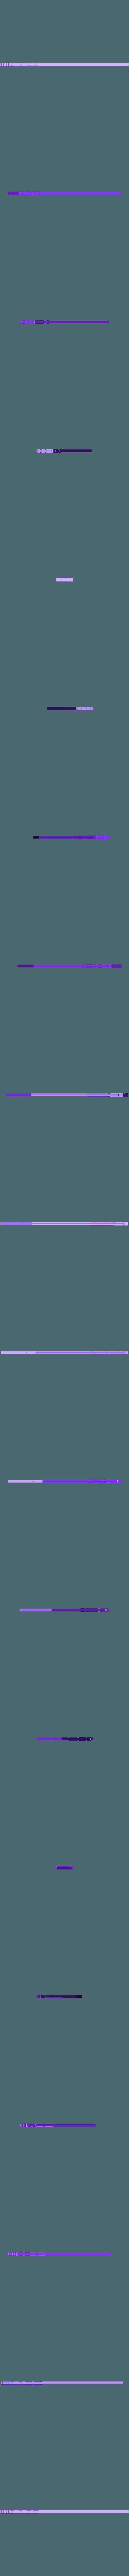 Black - Blade - Full (Final Fantasy 7 - PS4 remake).stl Download STL file Final Fantasy VII - Buster Sword - Bracelet - Shoulder pad  • 3D print model, 3Dutchie